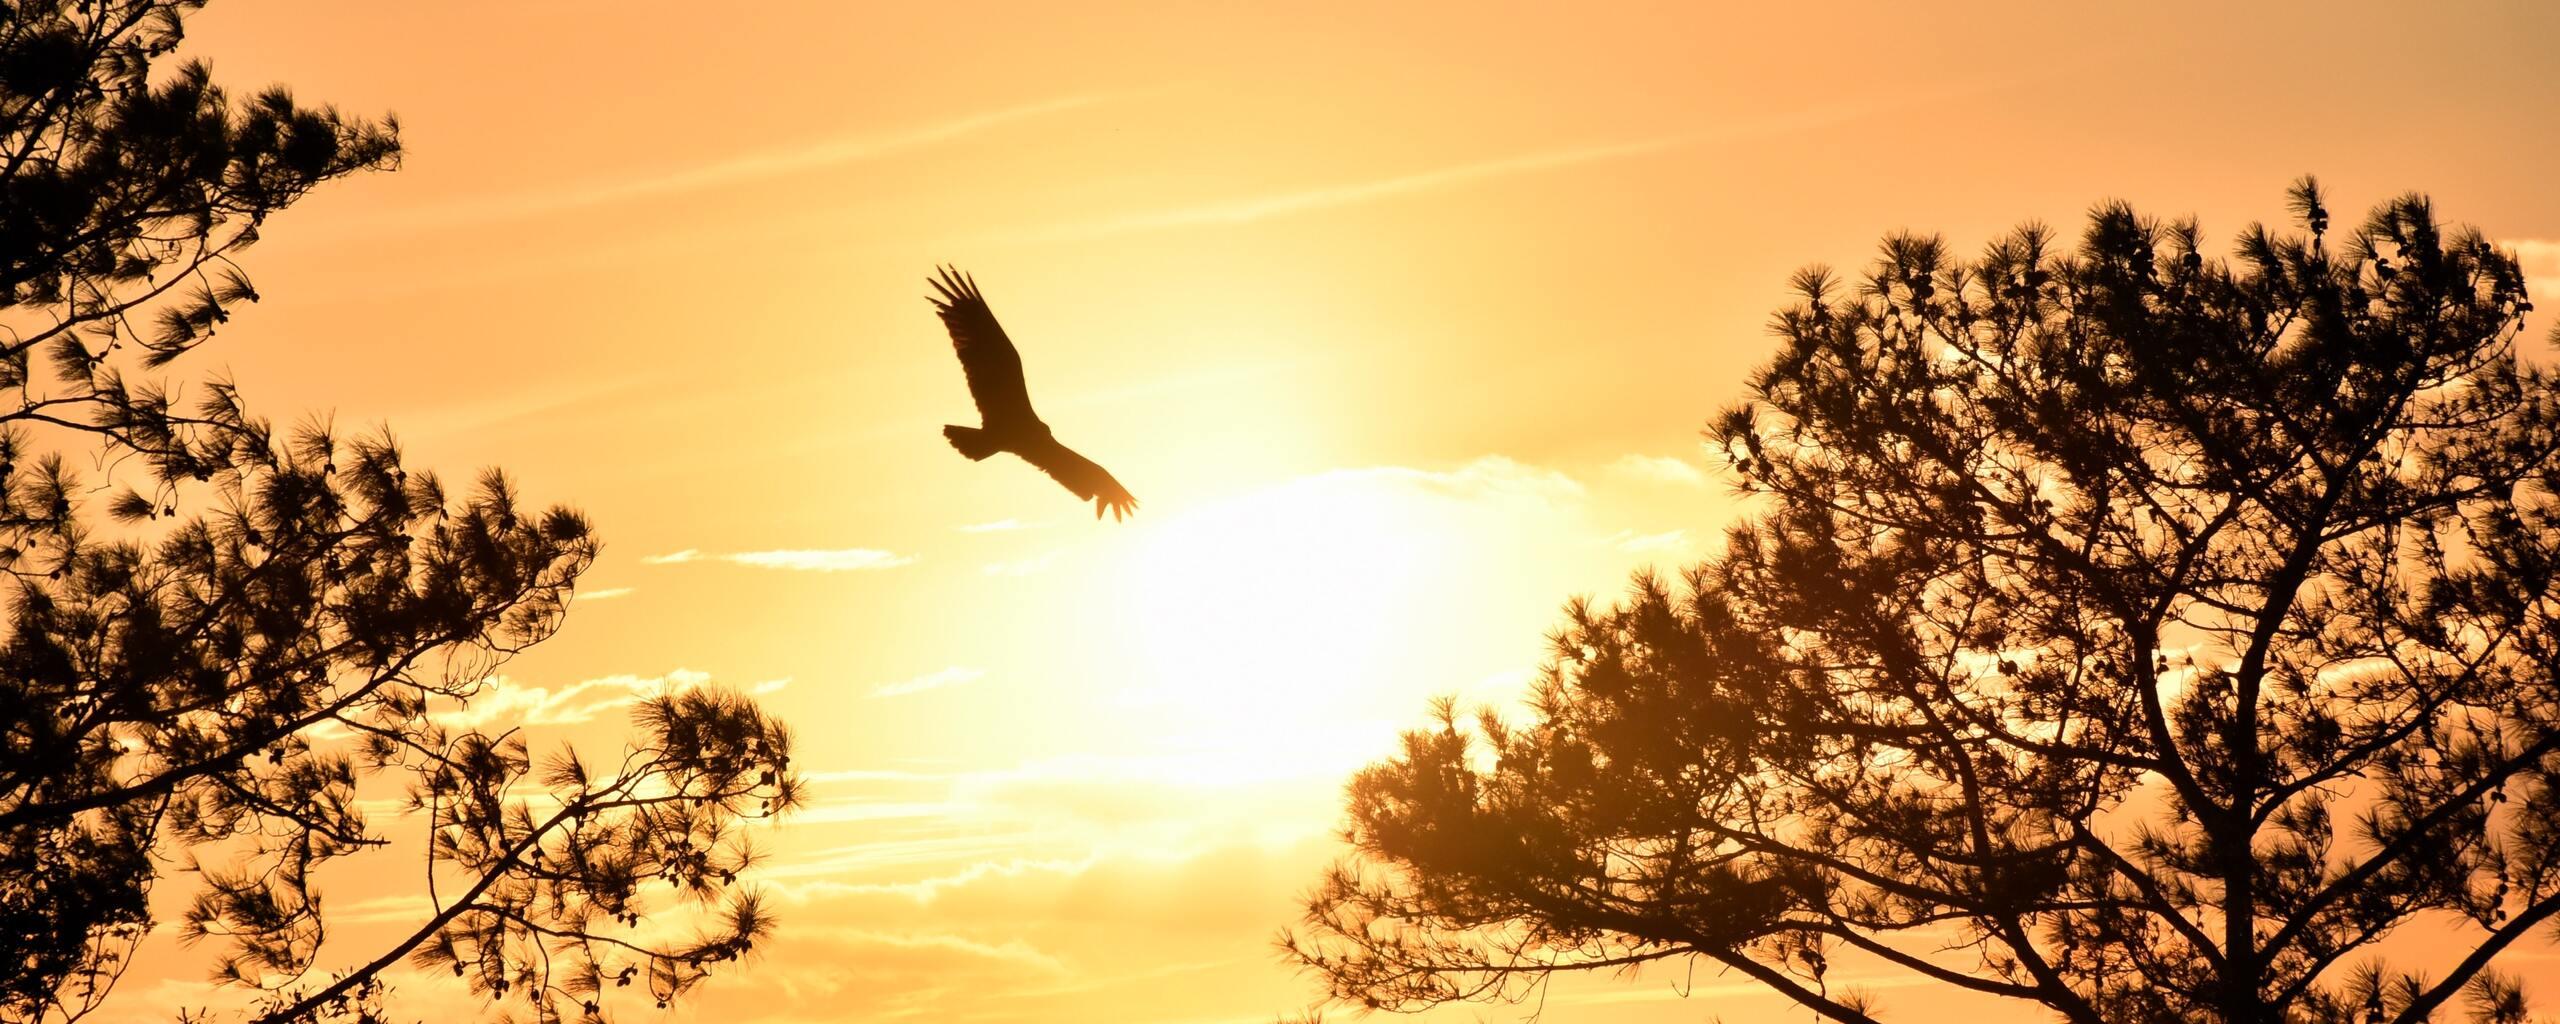 eagle-flying-towards-sunset-5k-ul.jpg